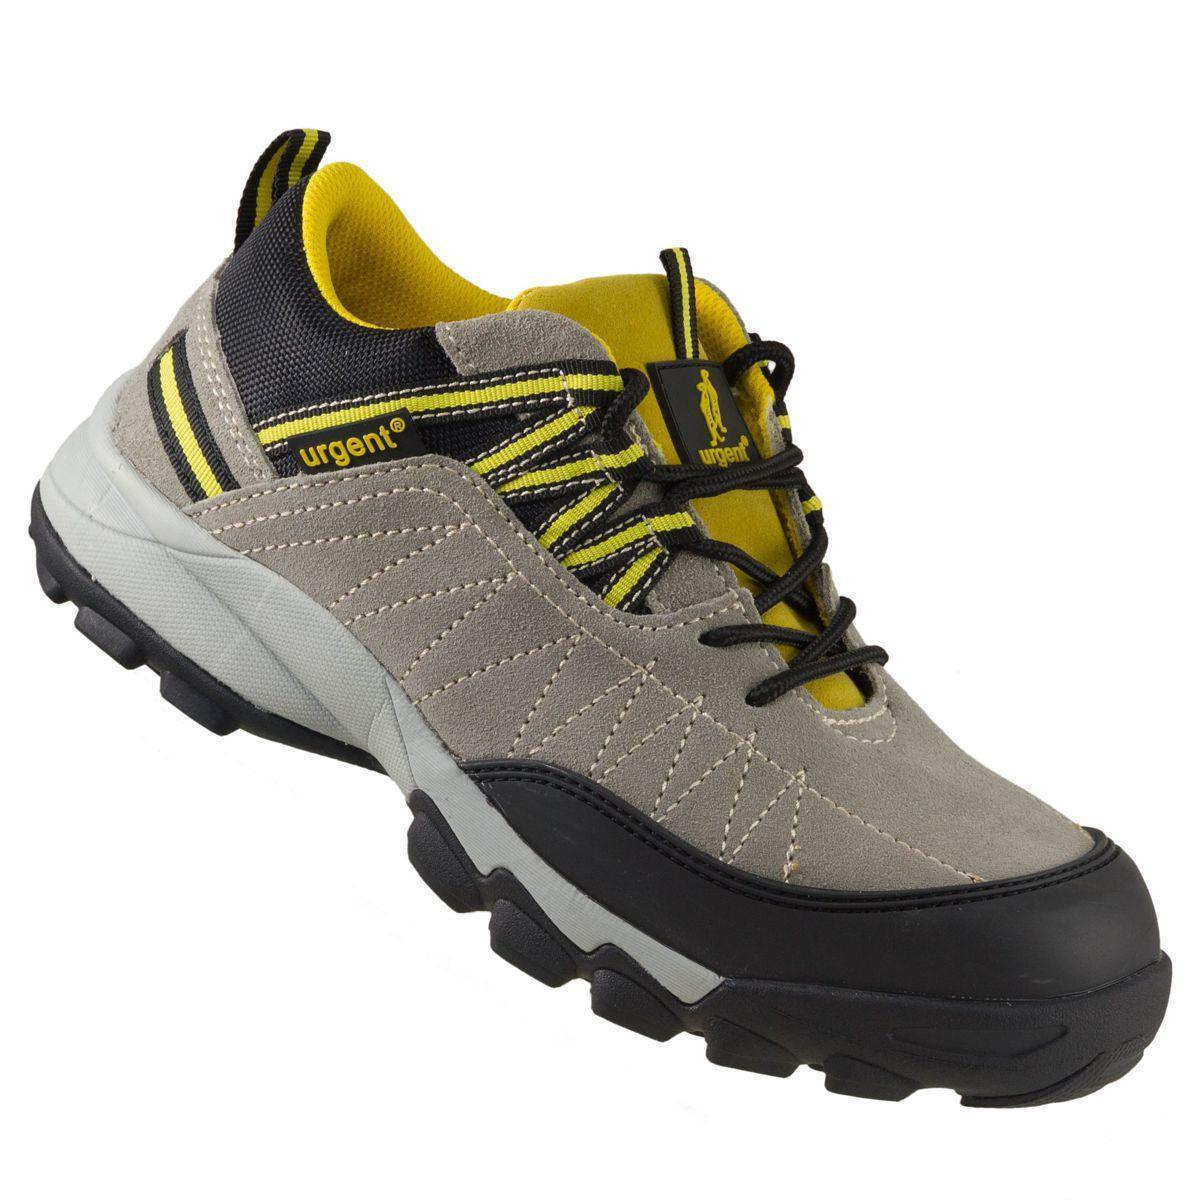 Кроссовки 234 S1 защитые с металлическим носком, черно-бежевого цвета.  URGENT (POLAND)  44